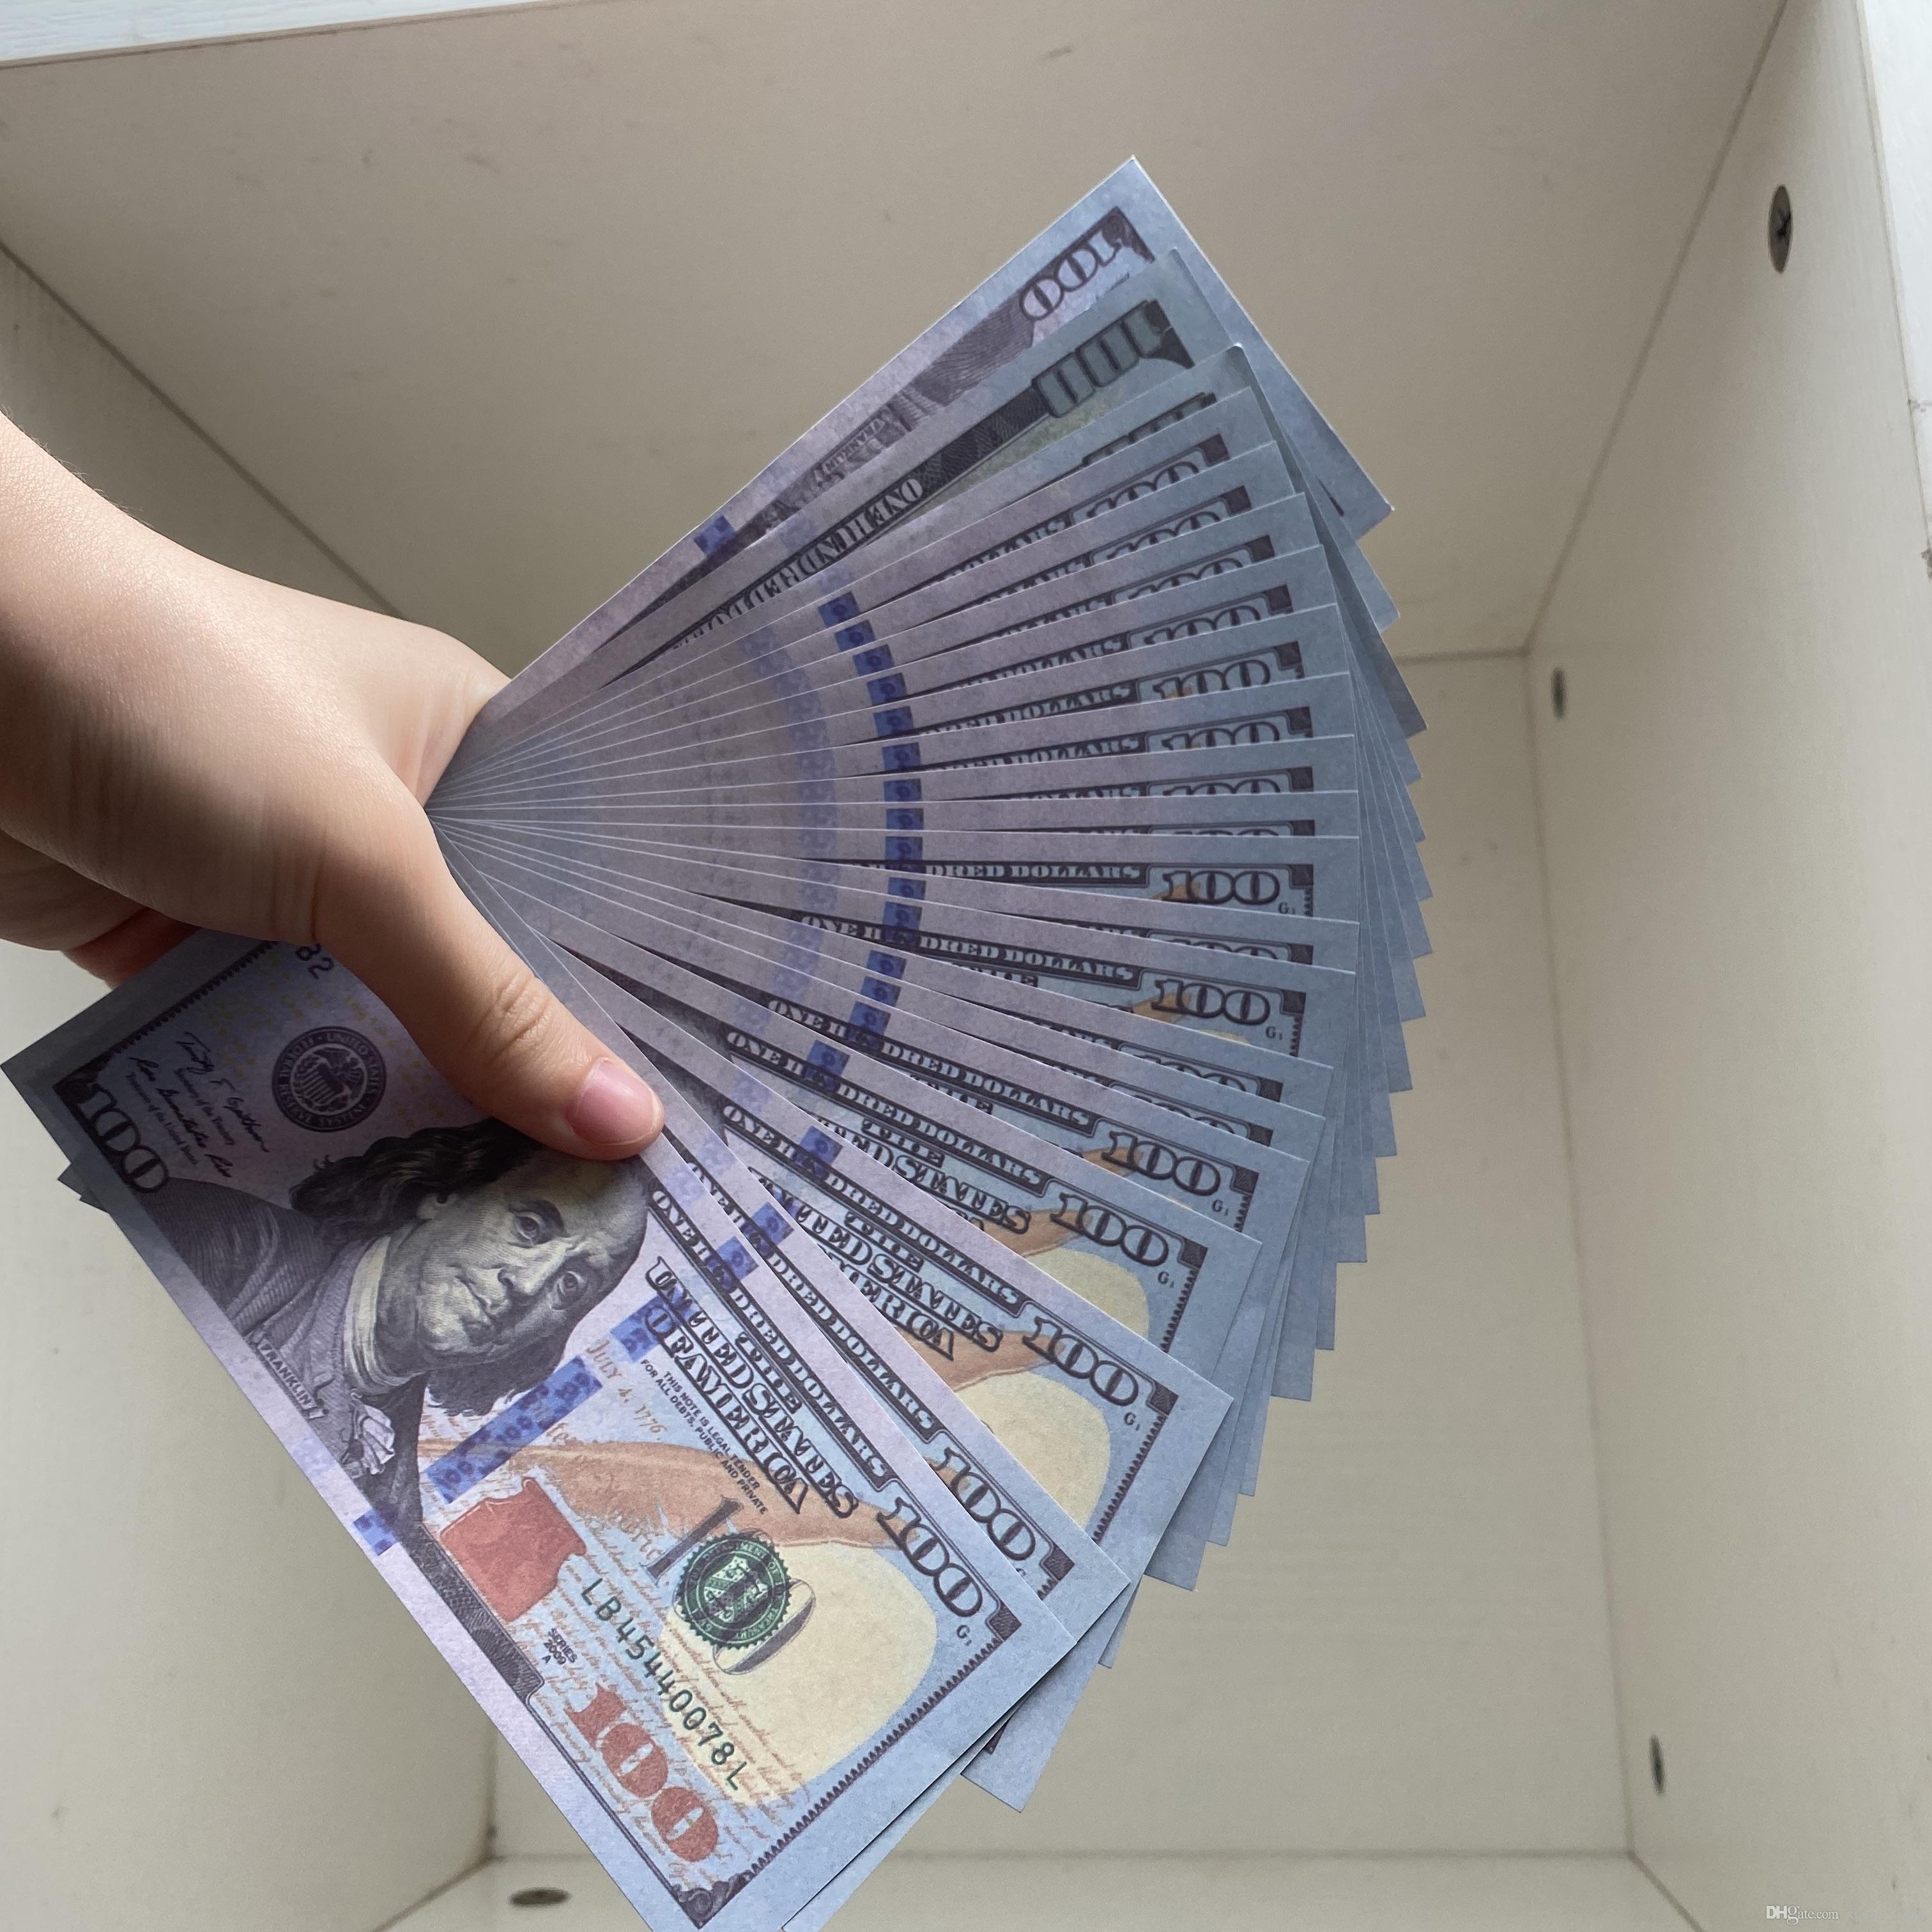 Banknote oder 100pcs / Pack Kinder Familien-Prop-Spiel-Kopie Realistisches Papier Geld US-am meisten / Euro / Dollar-Spielzeug323 HWBIB